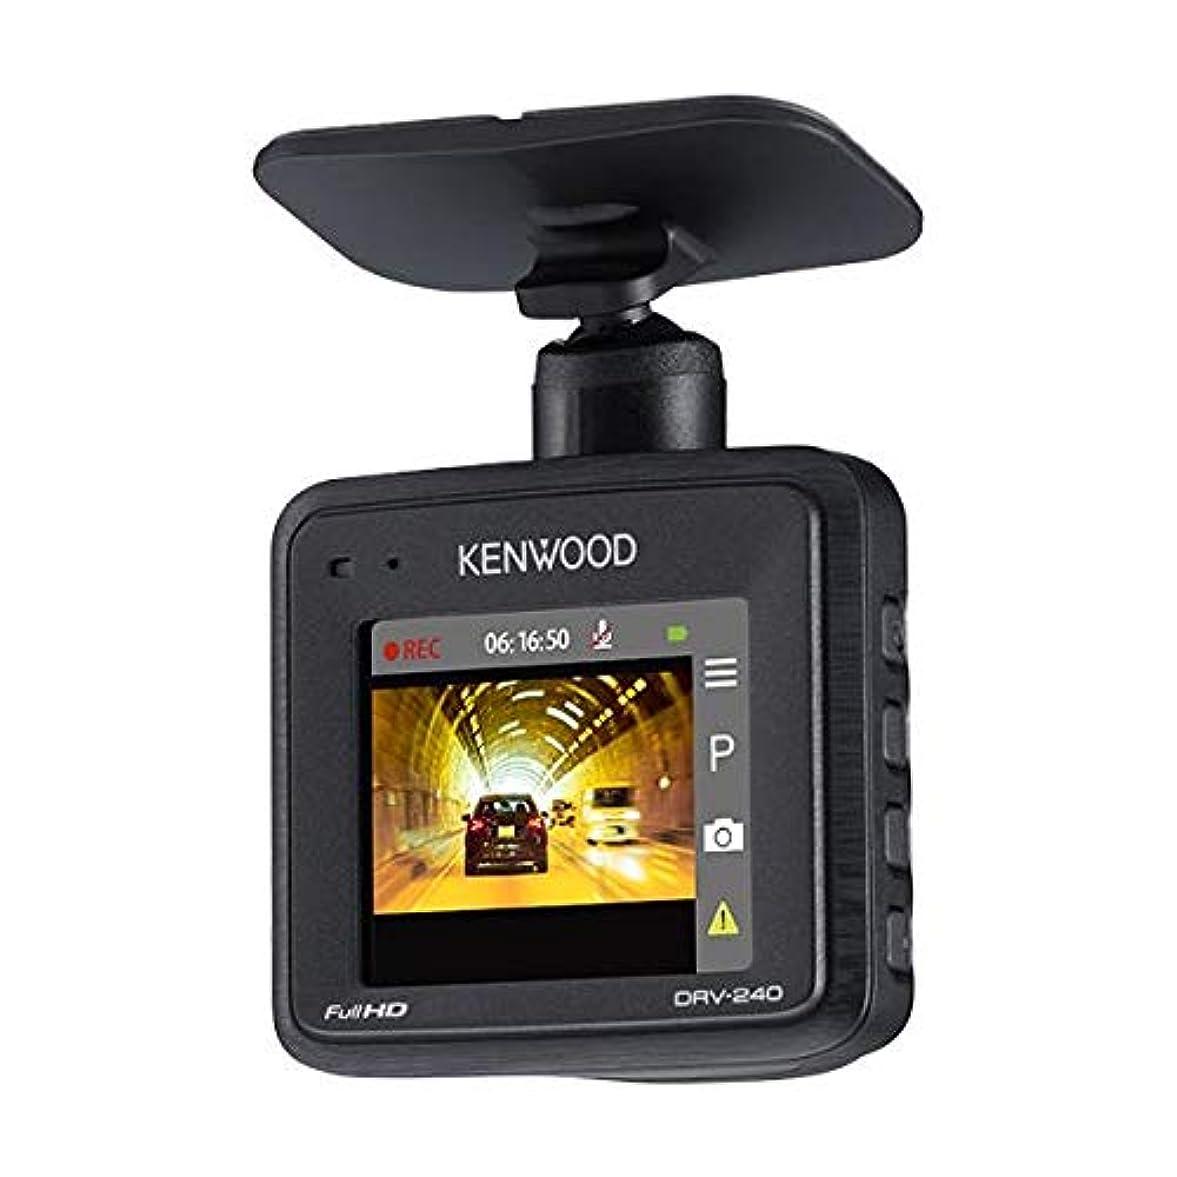 学んだ高揚したきょうだい小型ドライブレコーダー 高画質 170度広角ドラレコ 1080PフルHD 緊急録画 防犯カメラ 駐車監視 動体検知 G-センサー機能 ループ録画 CR250